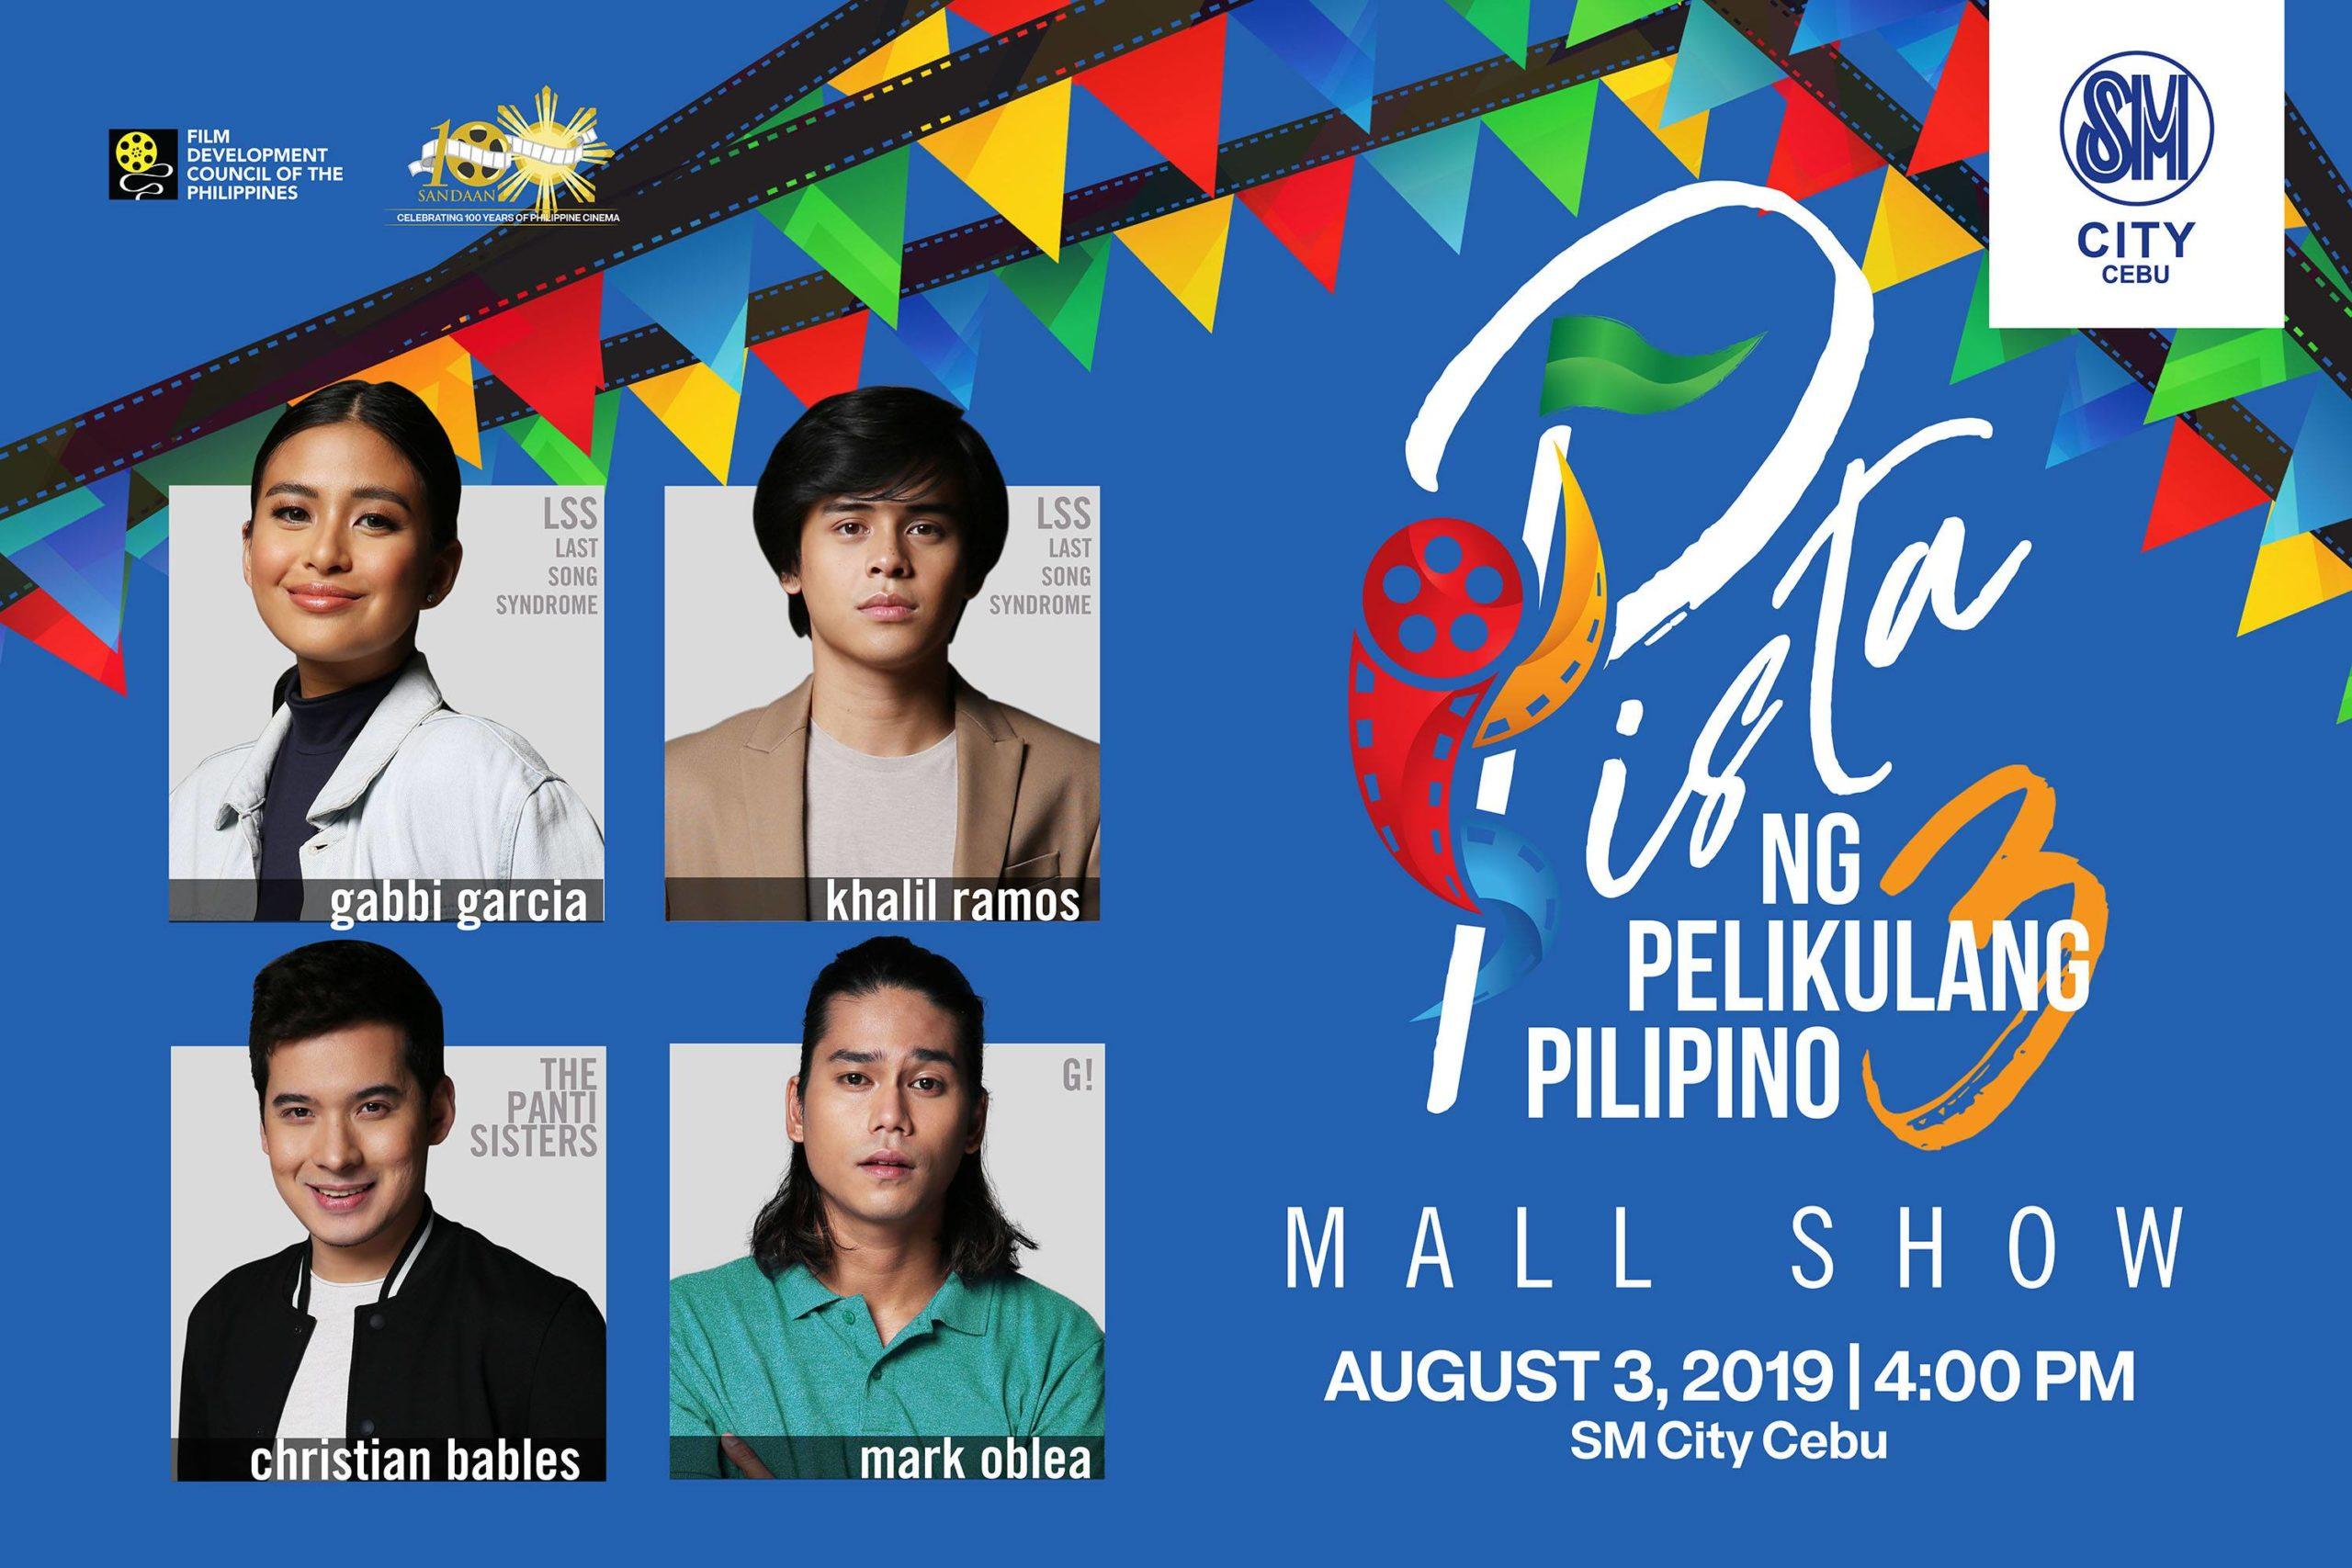 Pista ng Pelikulang Pilipino 2019 to kickstart tour in Cebu